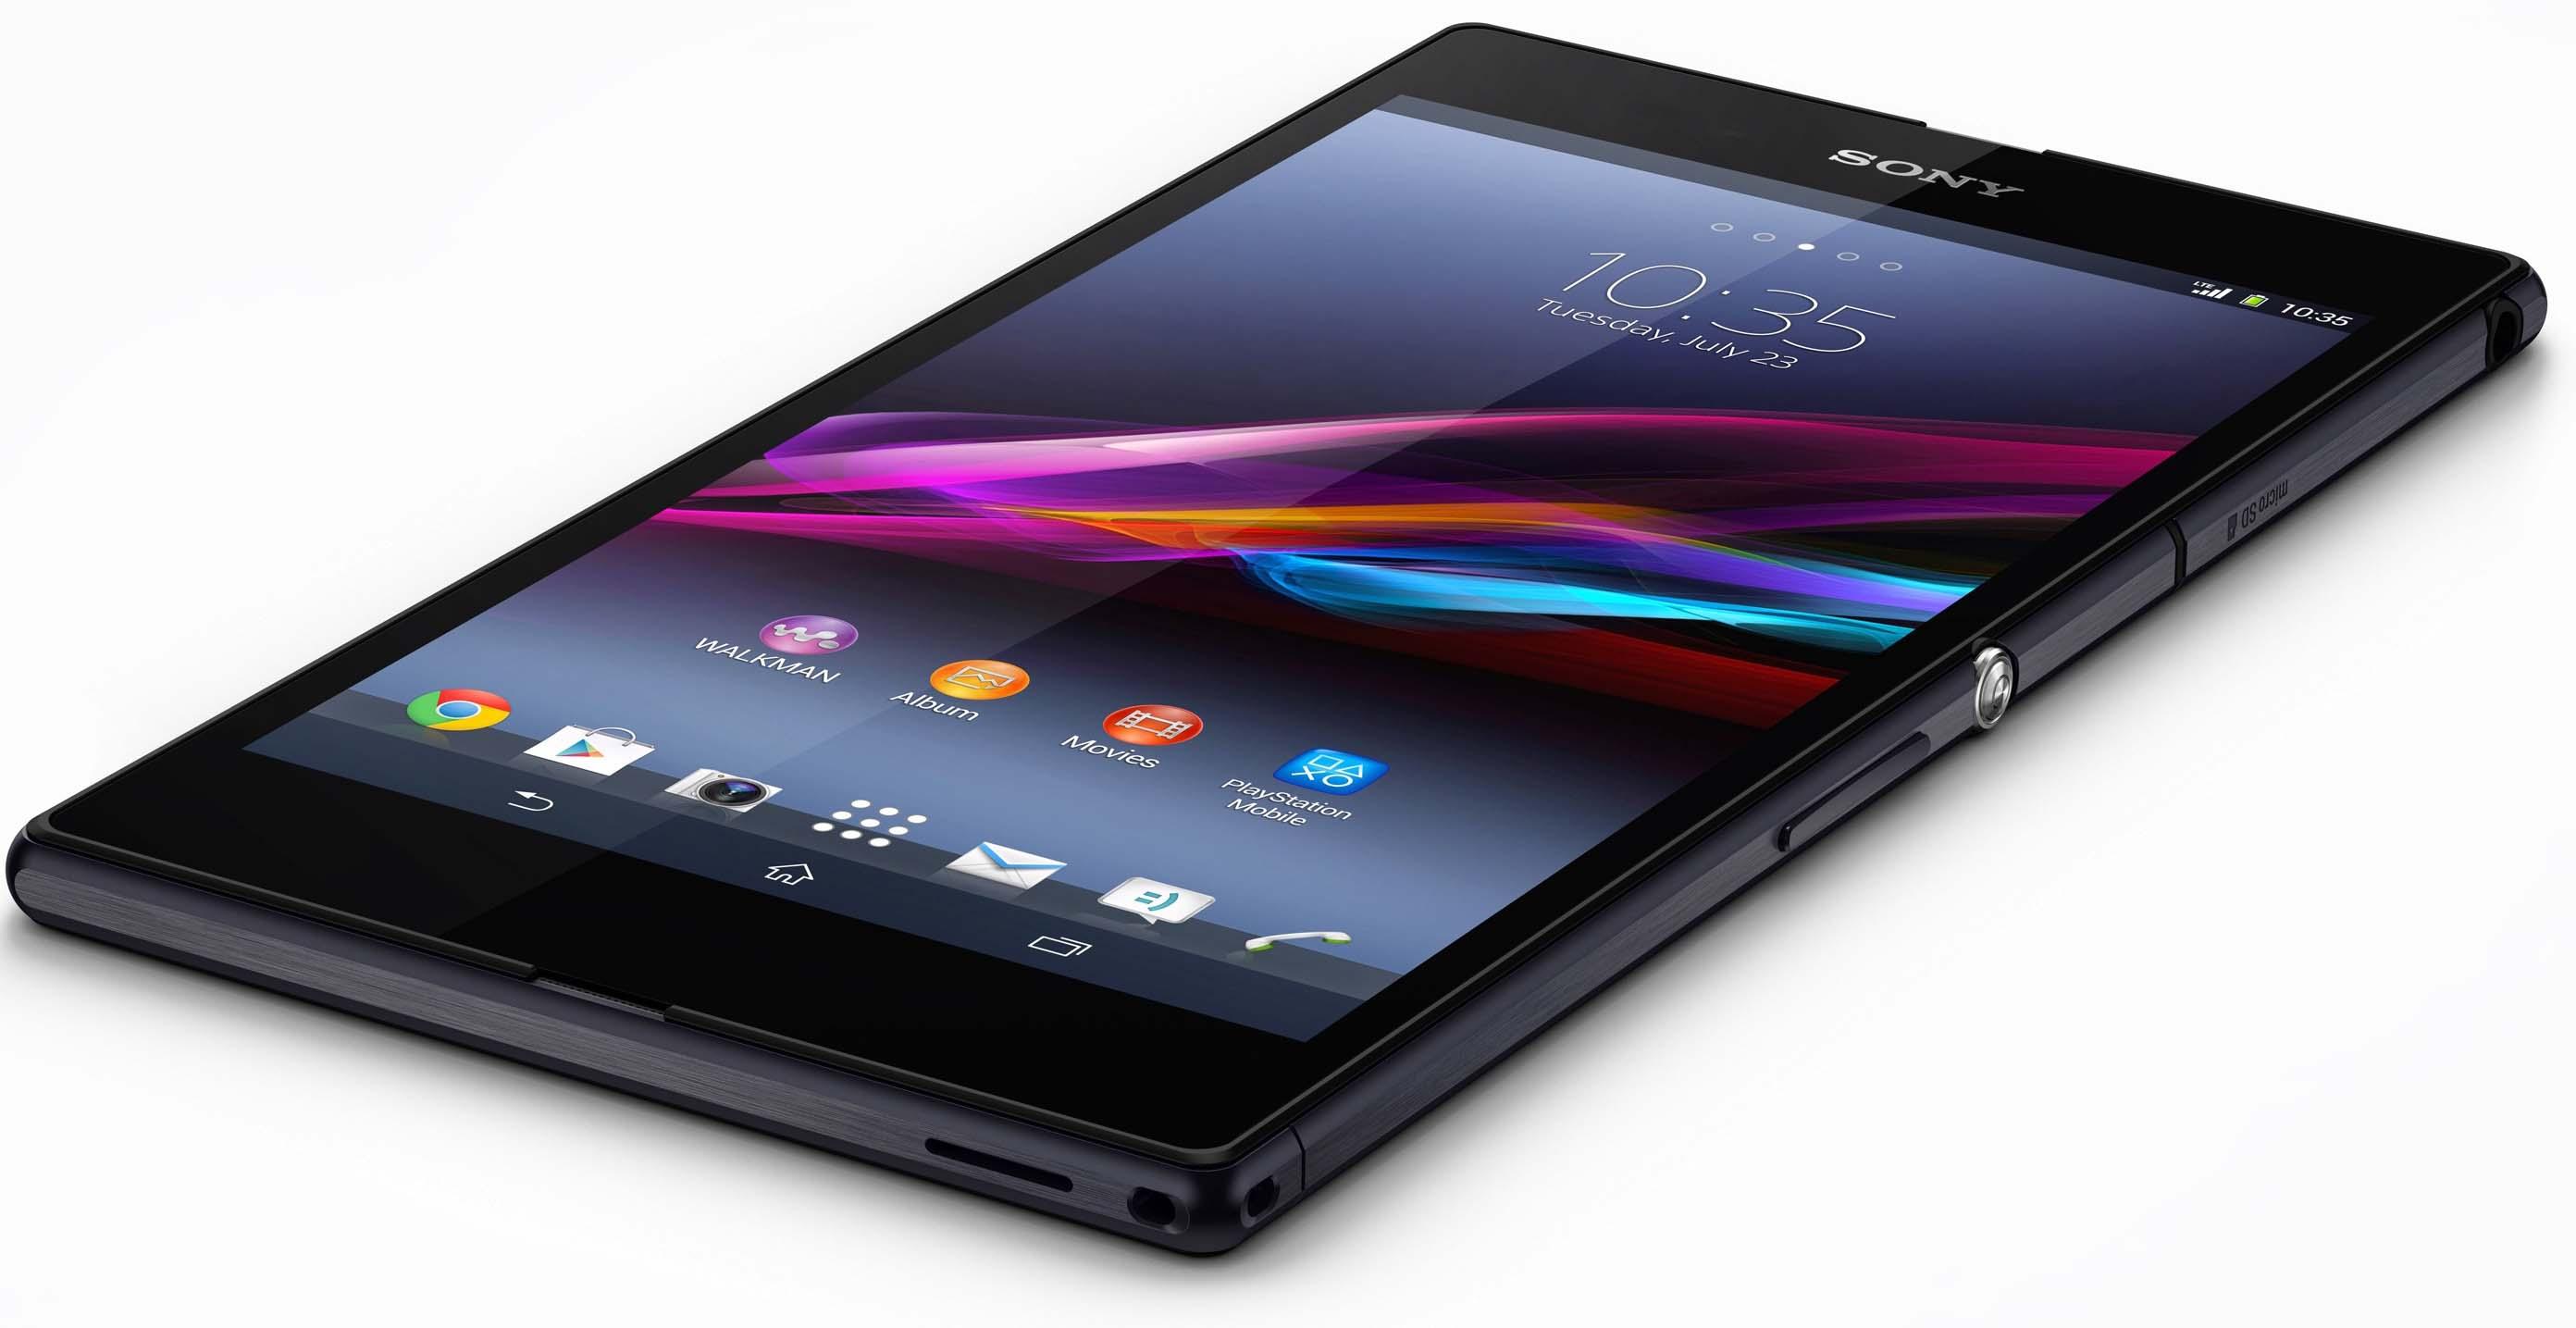 Podjetje Sony naj bi se s trga pametnih mobilnih telefonov umaknilo postopoma.